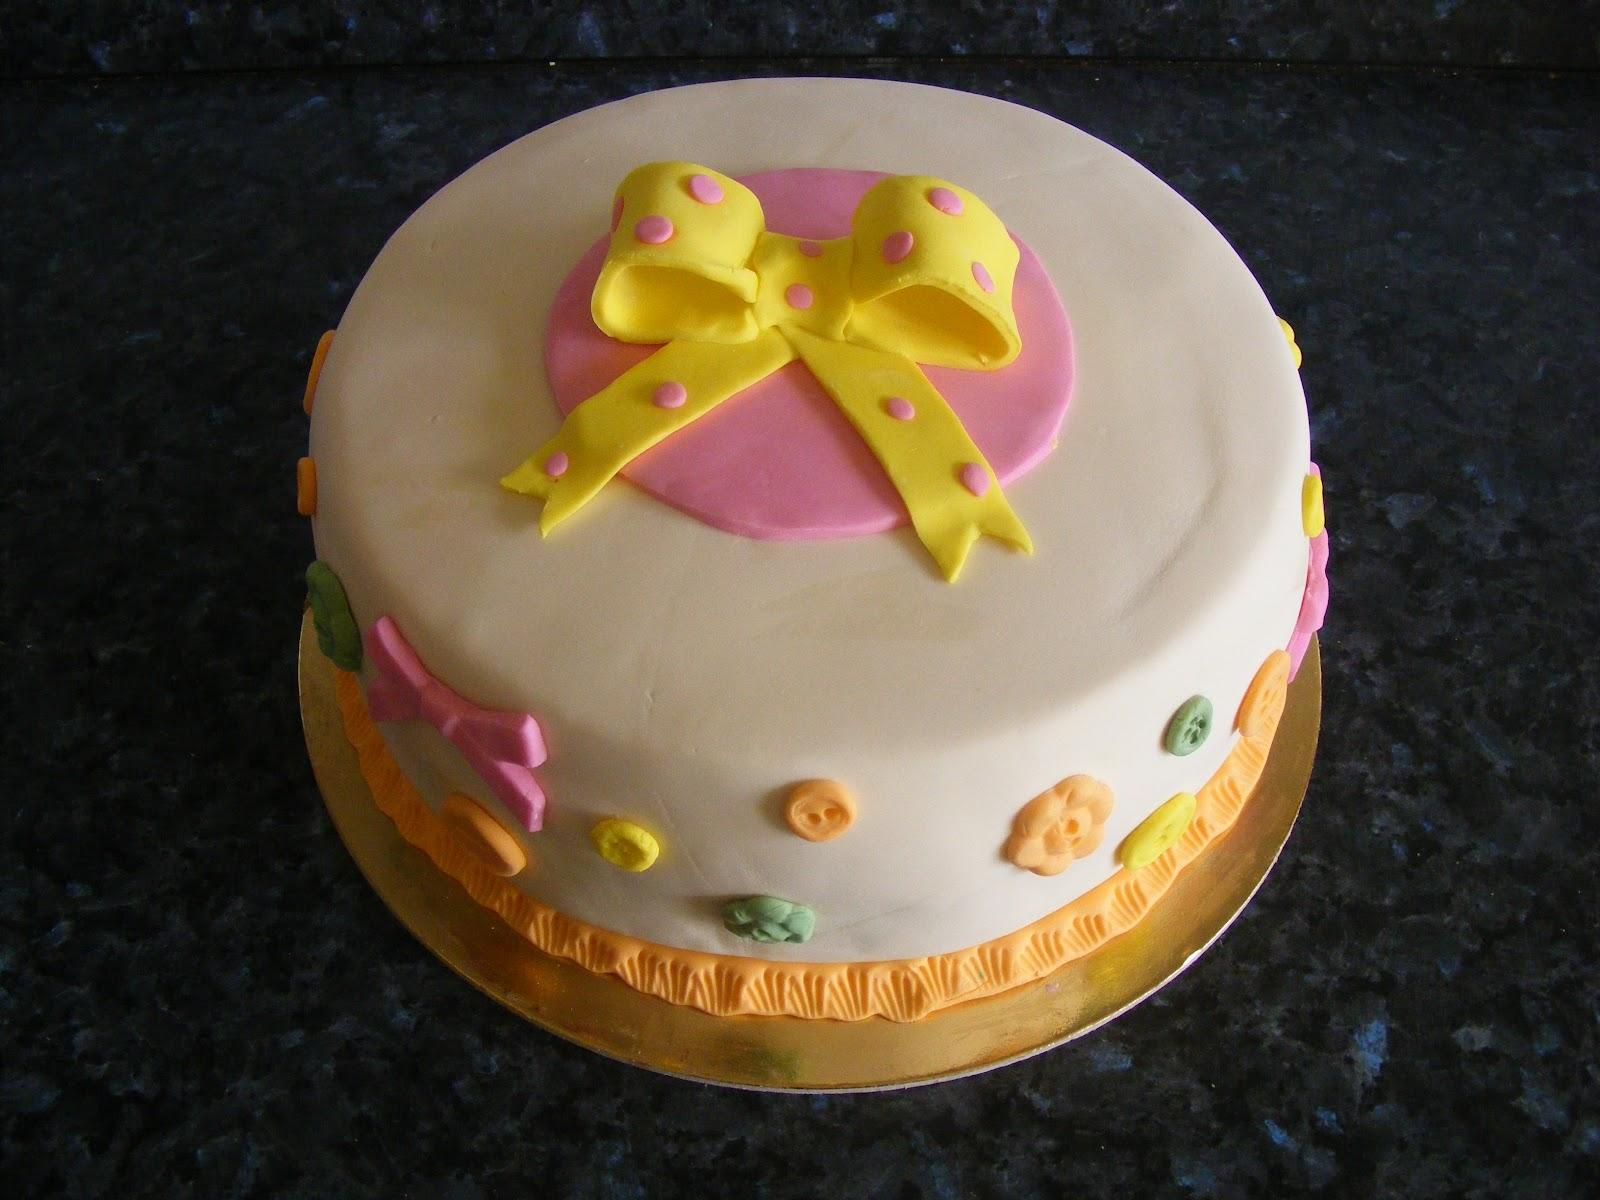 masnis torta képek Tortamóka: február 2012 masnis torta képek